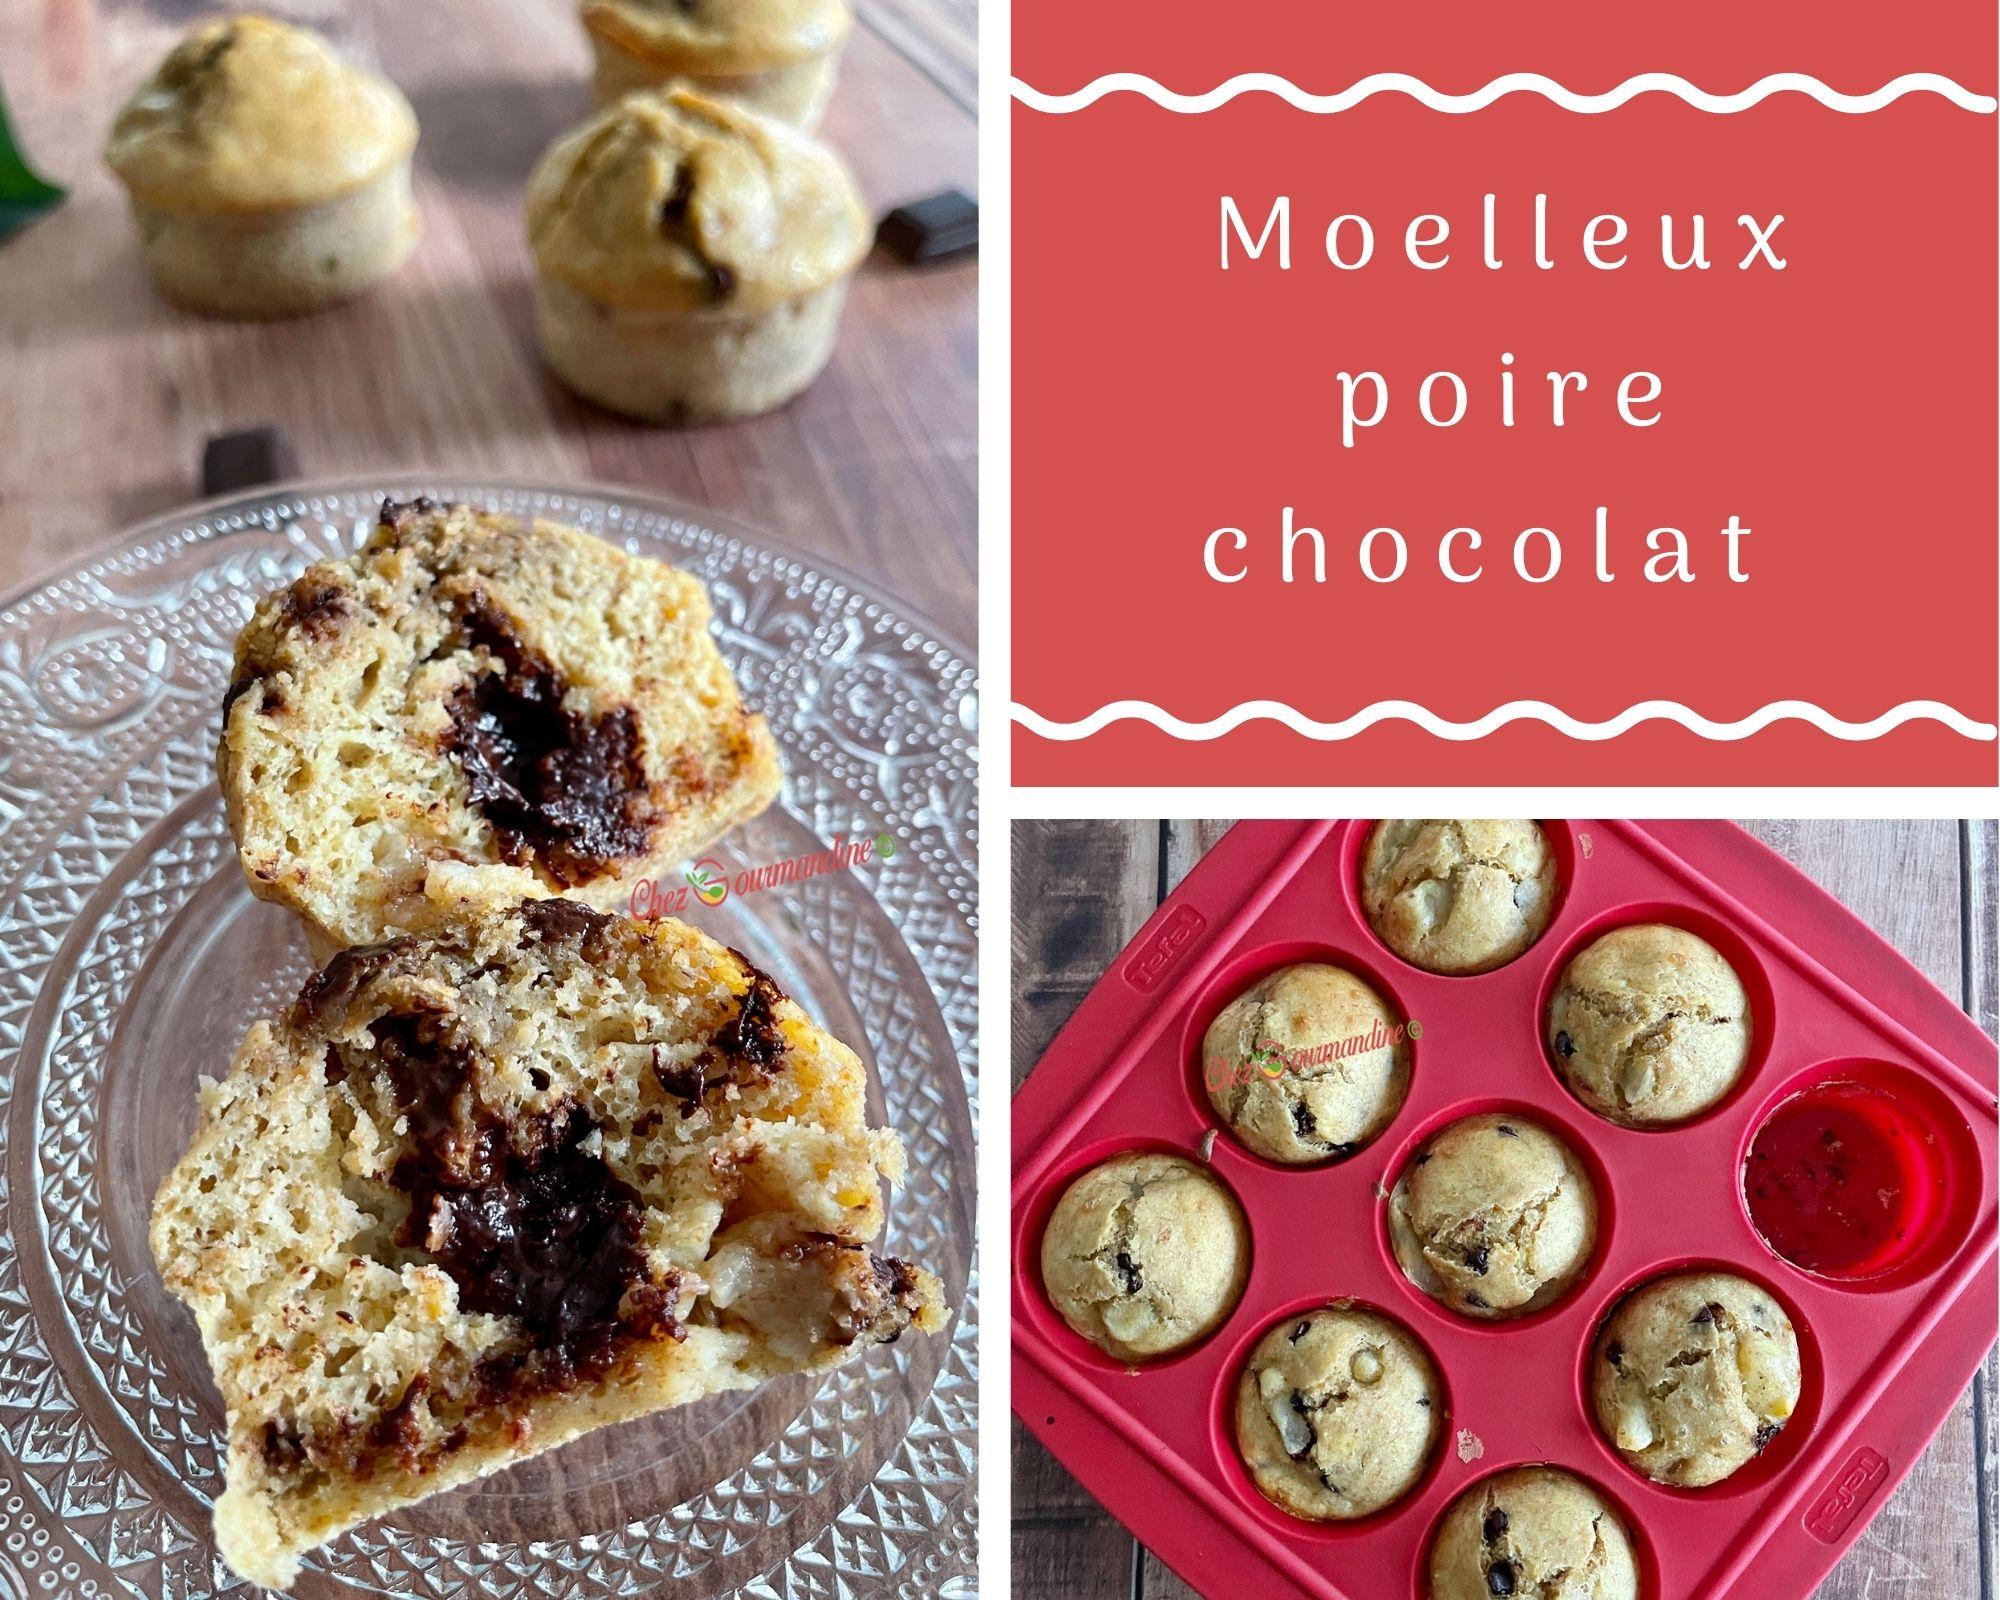 Moelleux-poire-chocolat